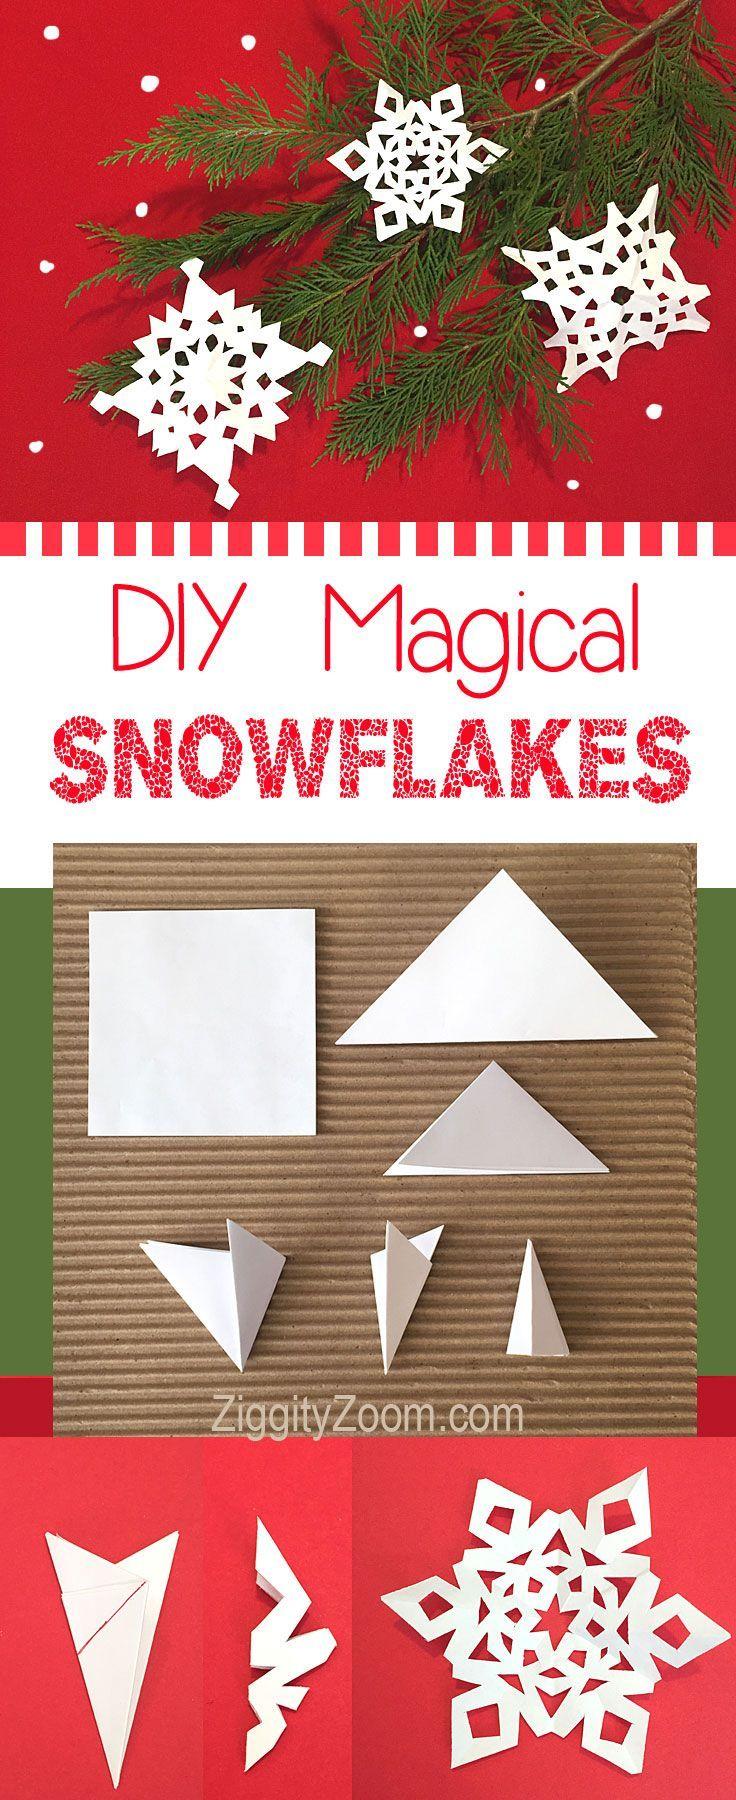 Diy Paper Snowflakes Tutorial Ziggity Zoom Family Paper Snowflakes Diy Paper Decorations Diy Snowflakes For Kids